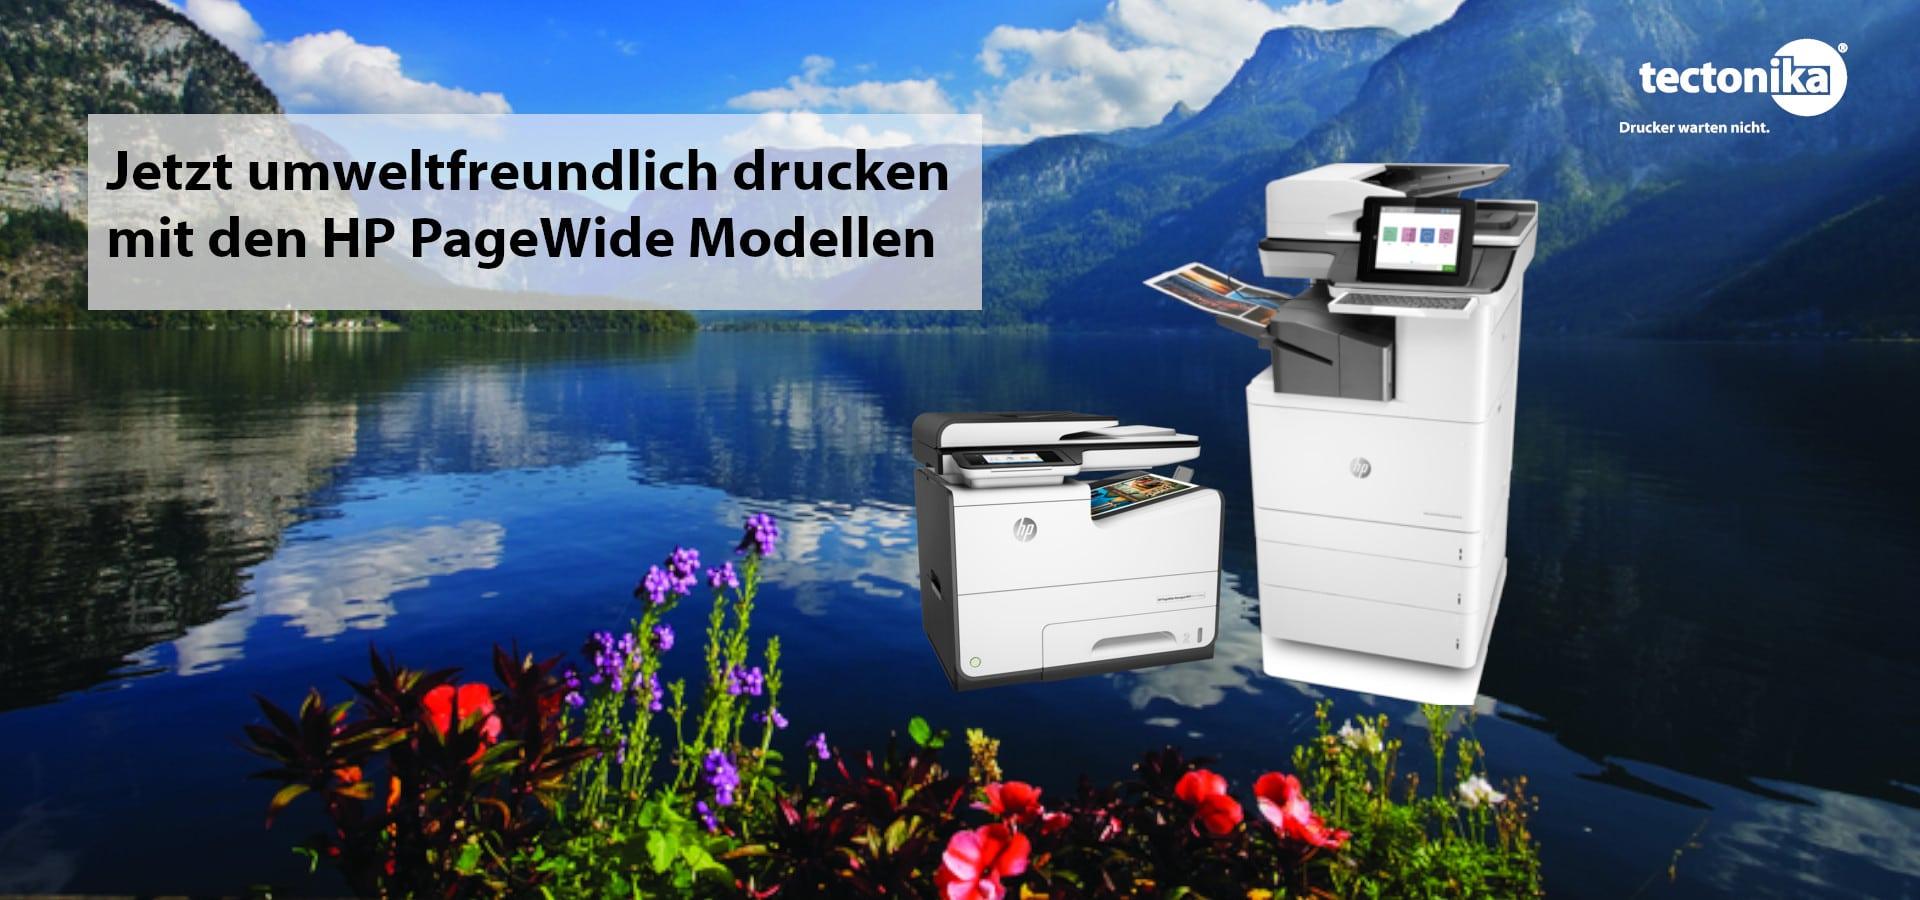 Mit HP PageWide Modell kann man nicht nur umweltfreundlich drucken, sondern auch viel Geld sparen!